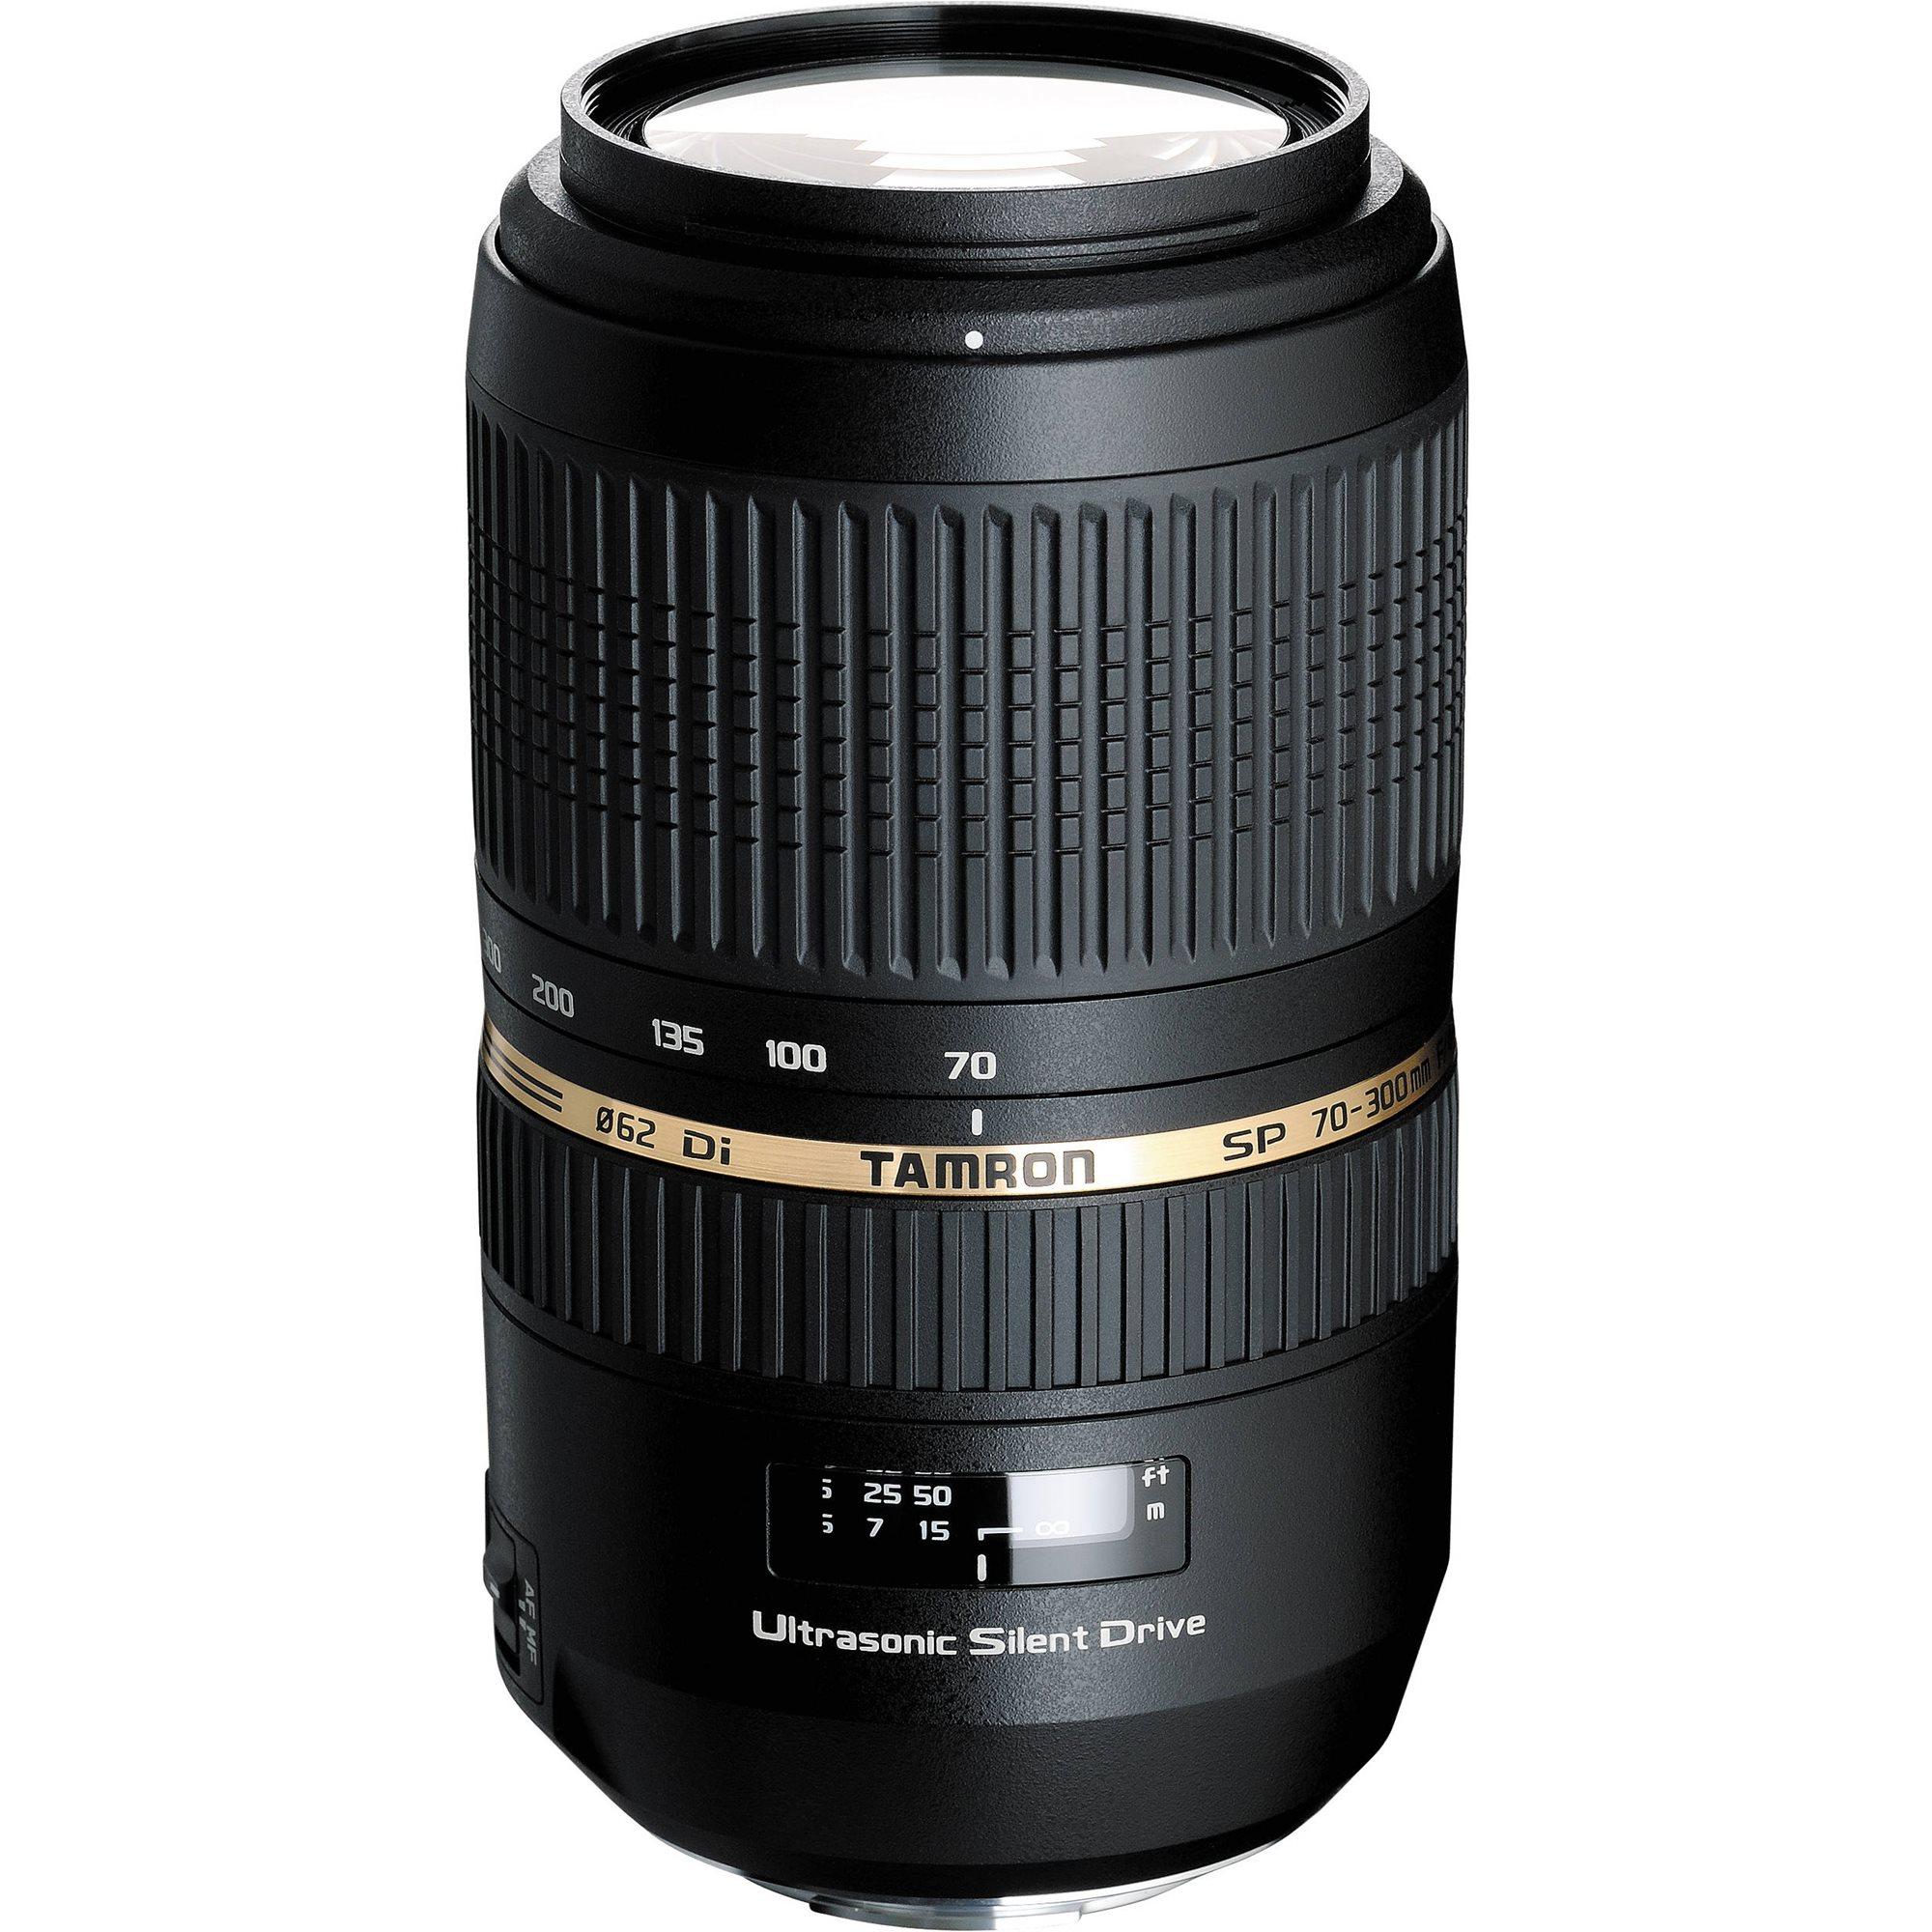 TAMRON SP AF 70-300mm F/4-5.6 Di - Sony